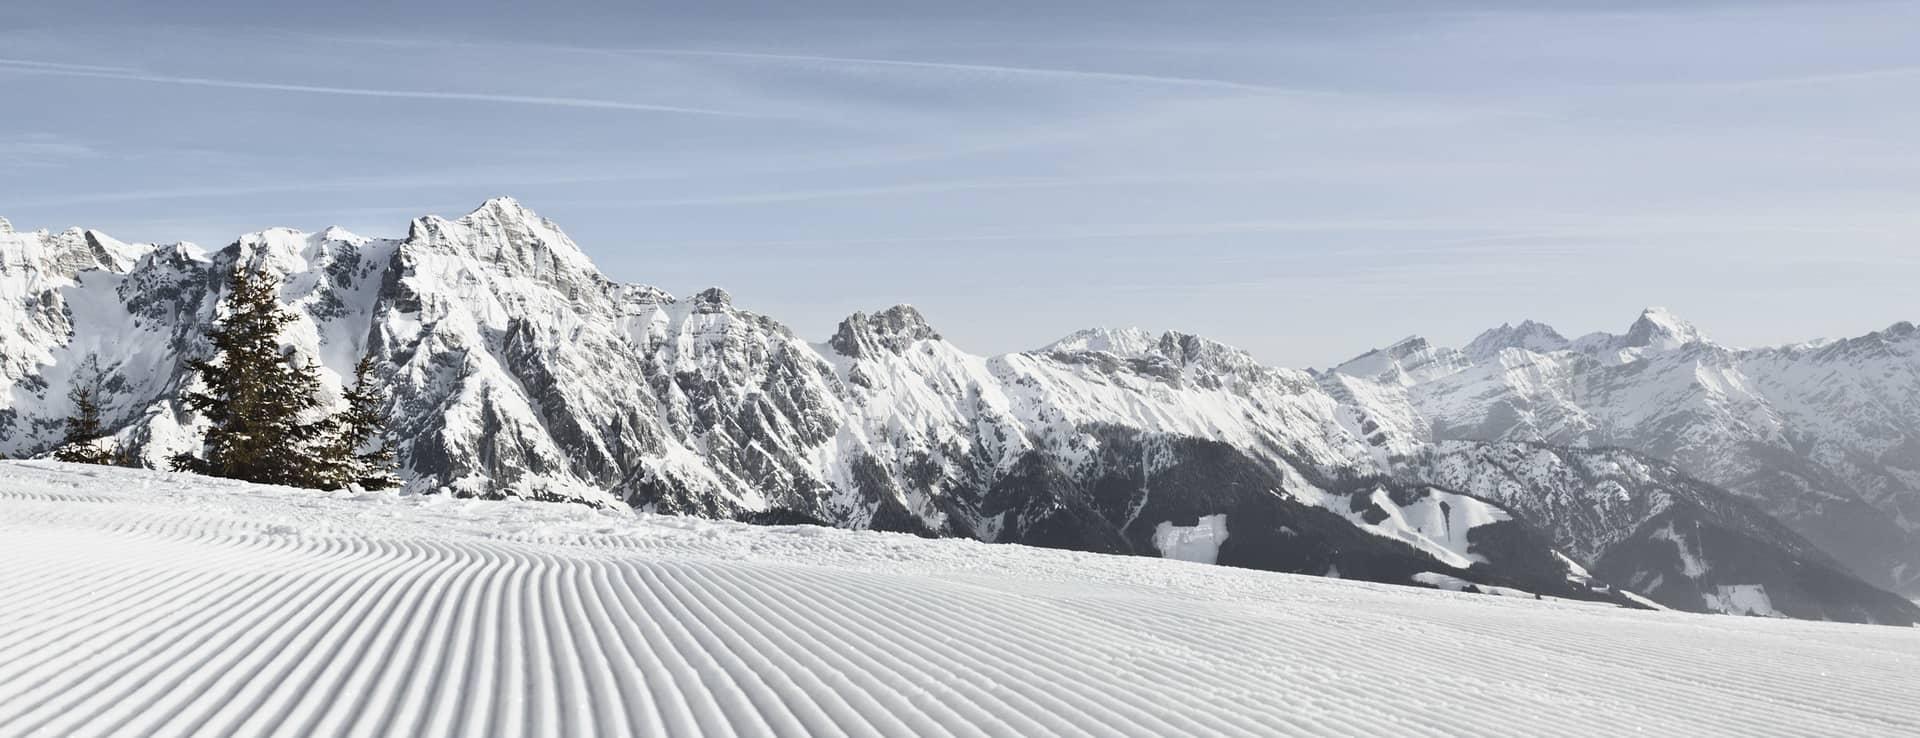 Alpin skidåkning pist Saalfelden Leogang